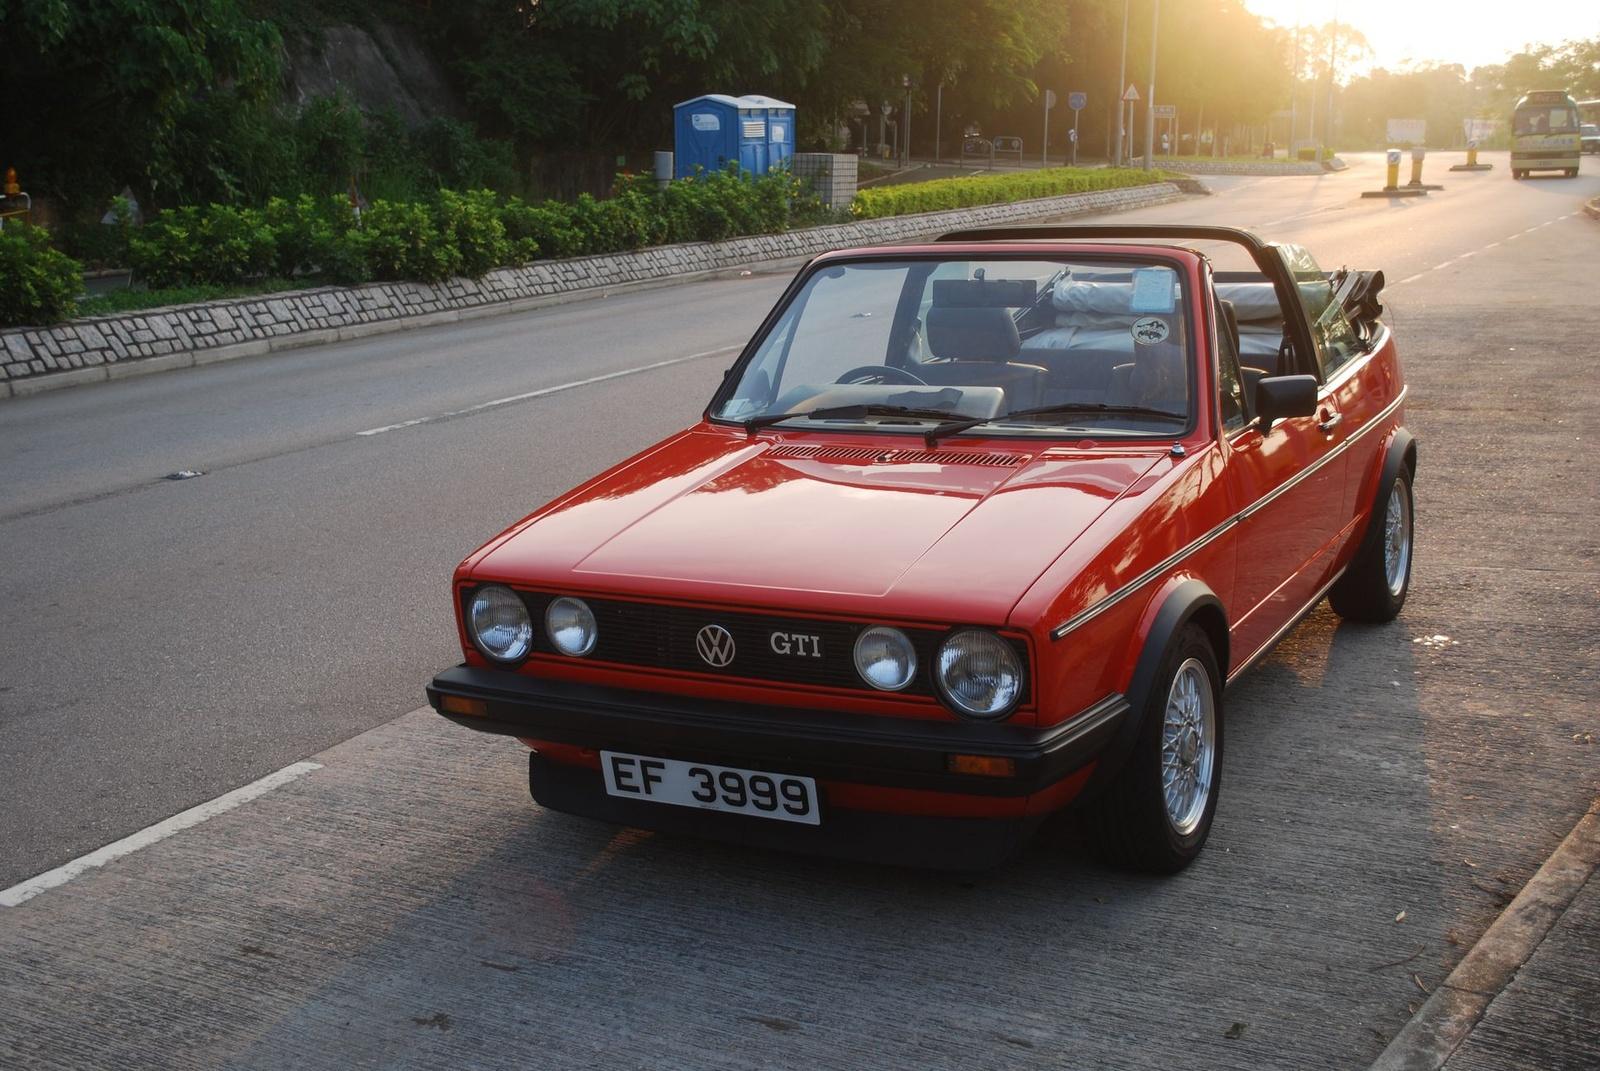 1986 Volkswagen Cabriolet - Exterior Pictures - 1986 Volkswagen Golf ...